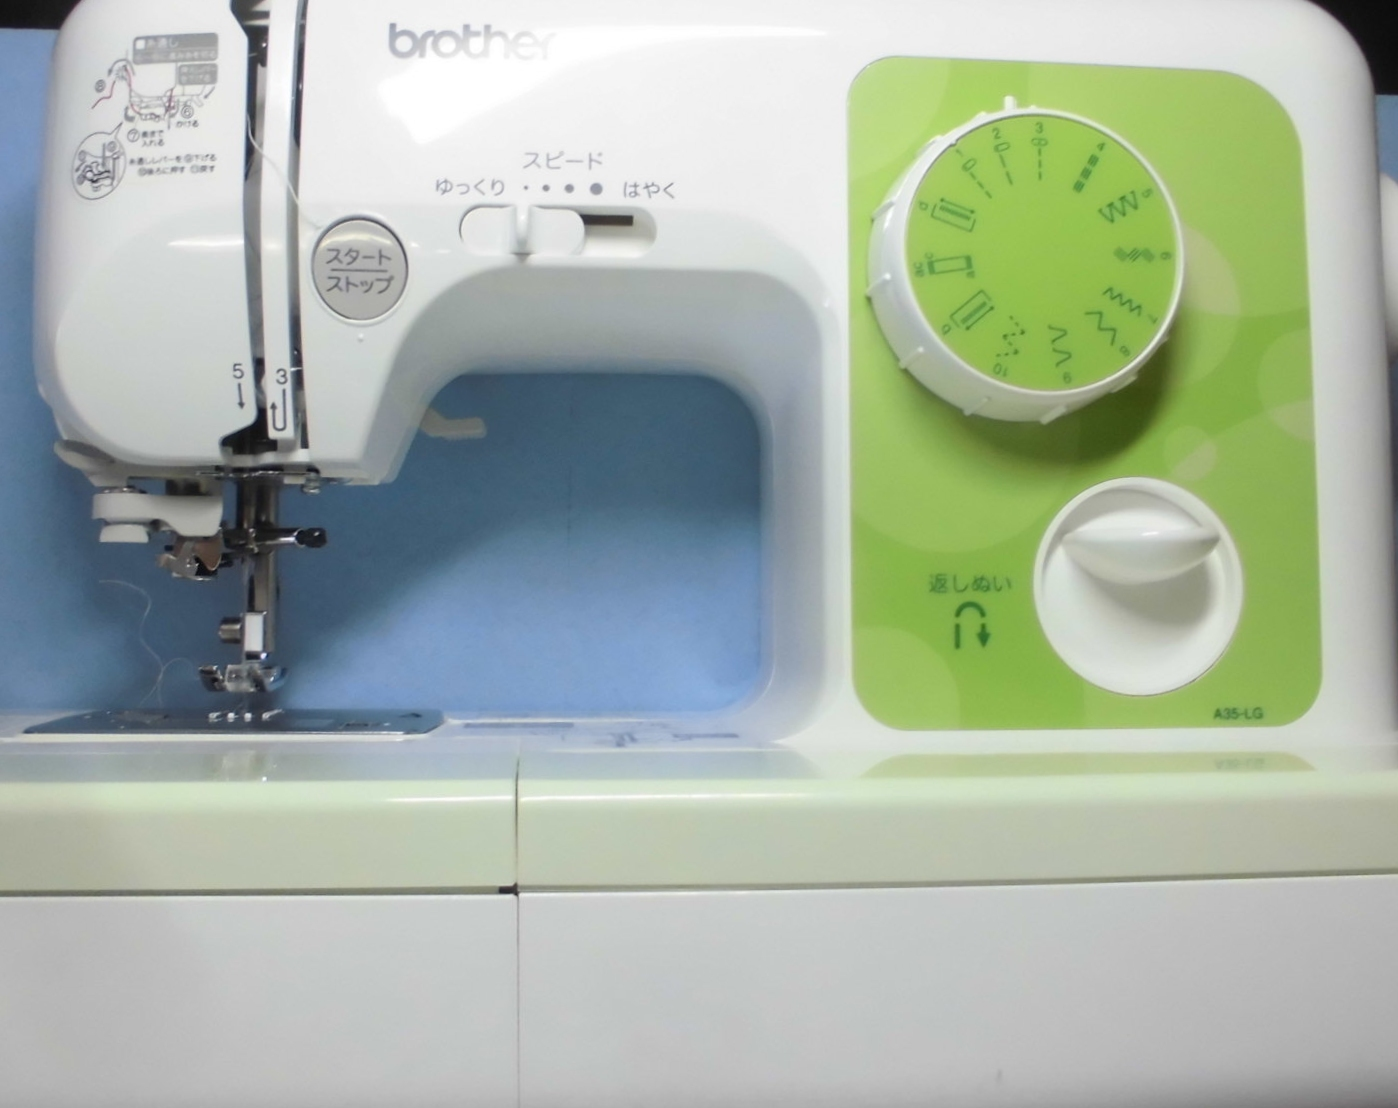 ブラザーミシン修理 A35-LG 縫えない、針が刺さらない、糸調子不良